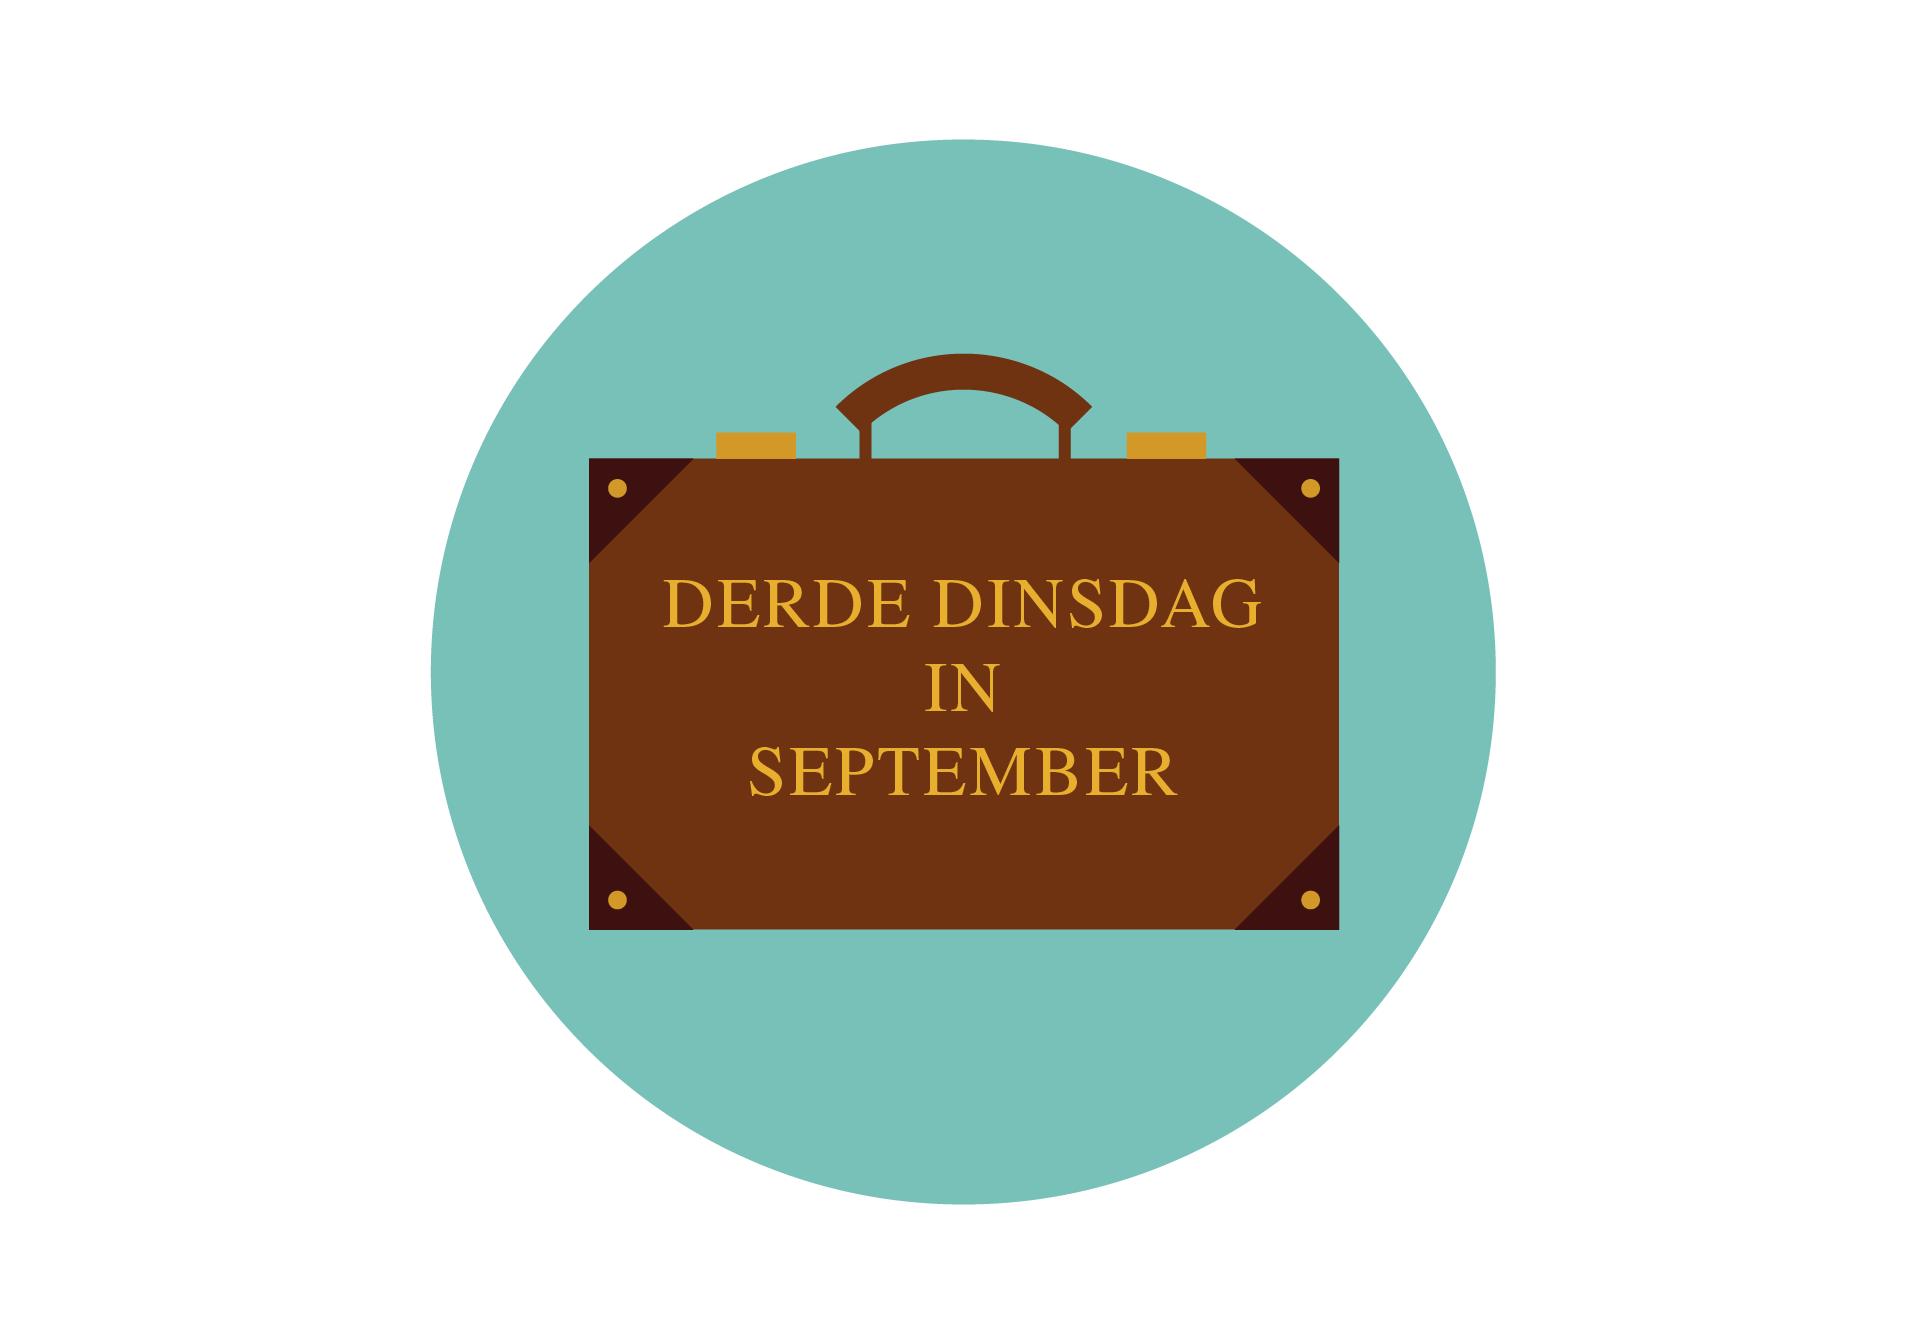 Blog 63: Tweede dinsdag van september